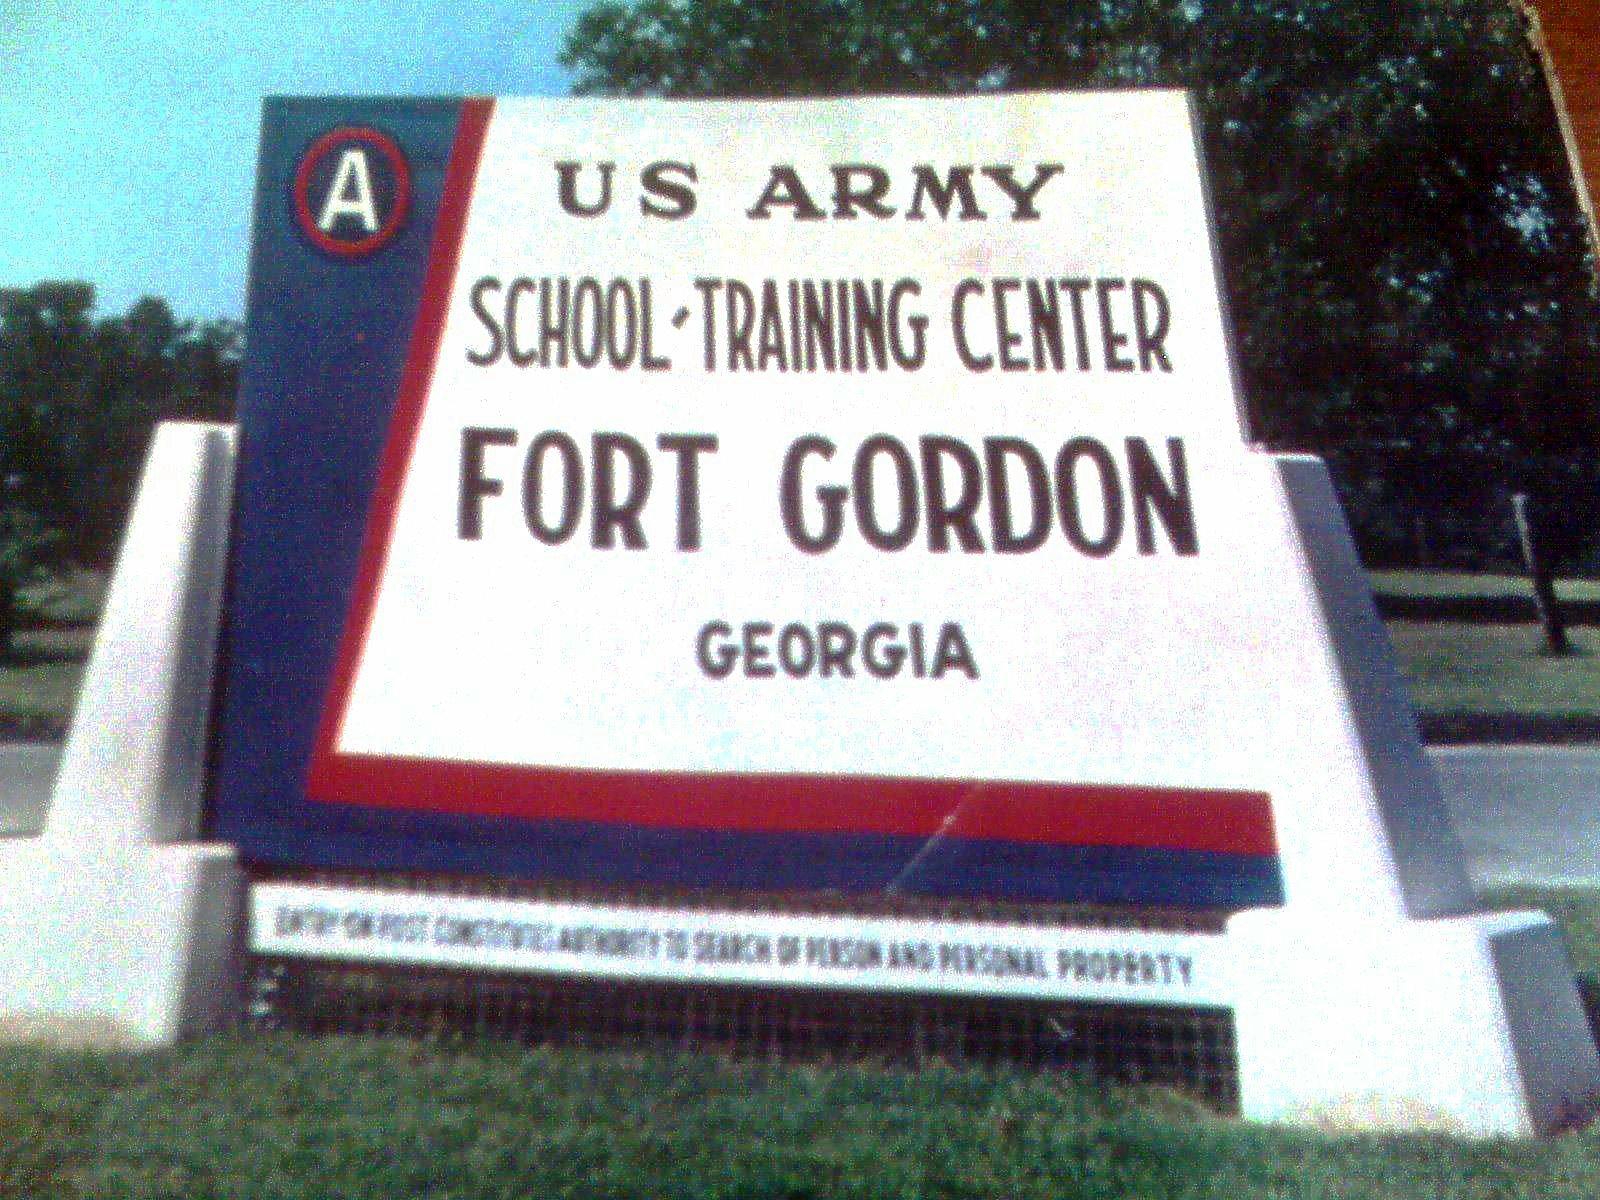 taipei signal army  the korean war  and camp gordon